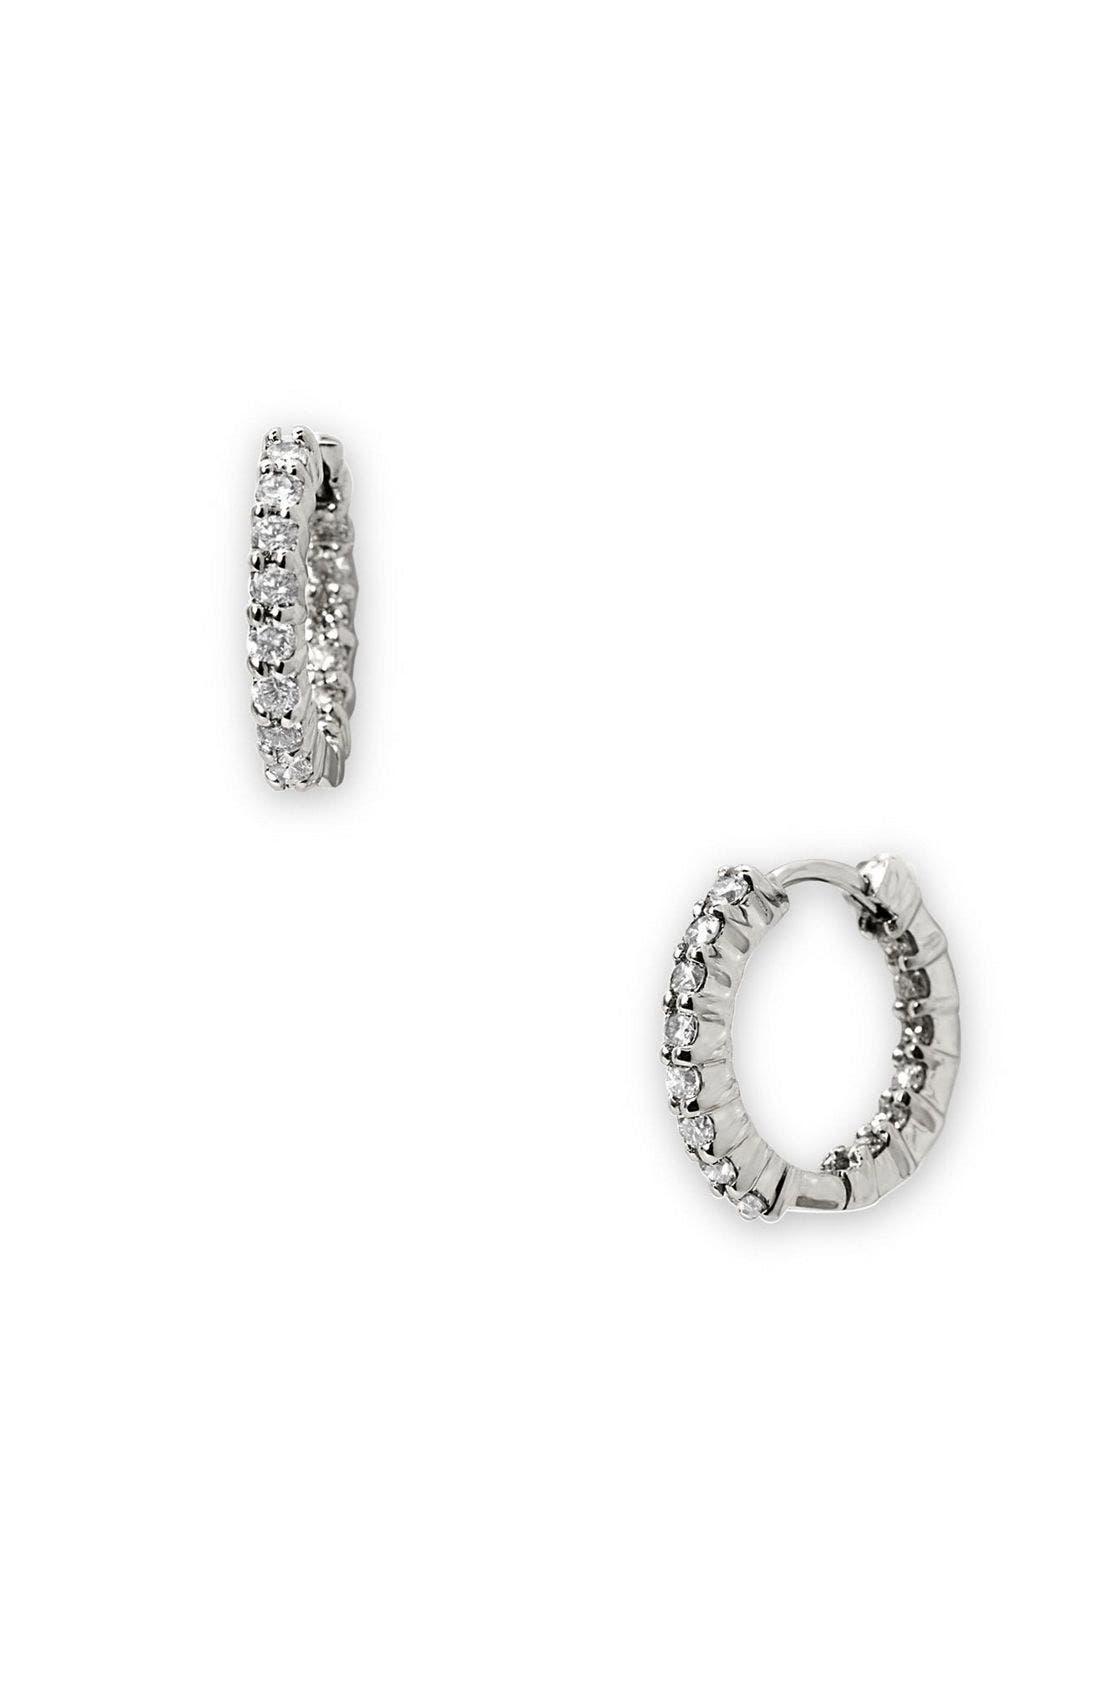 12mm Small Diamond Hoop Earrings,                             Main thumbnail 1, color,